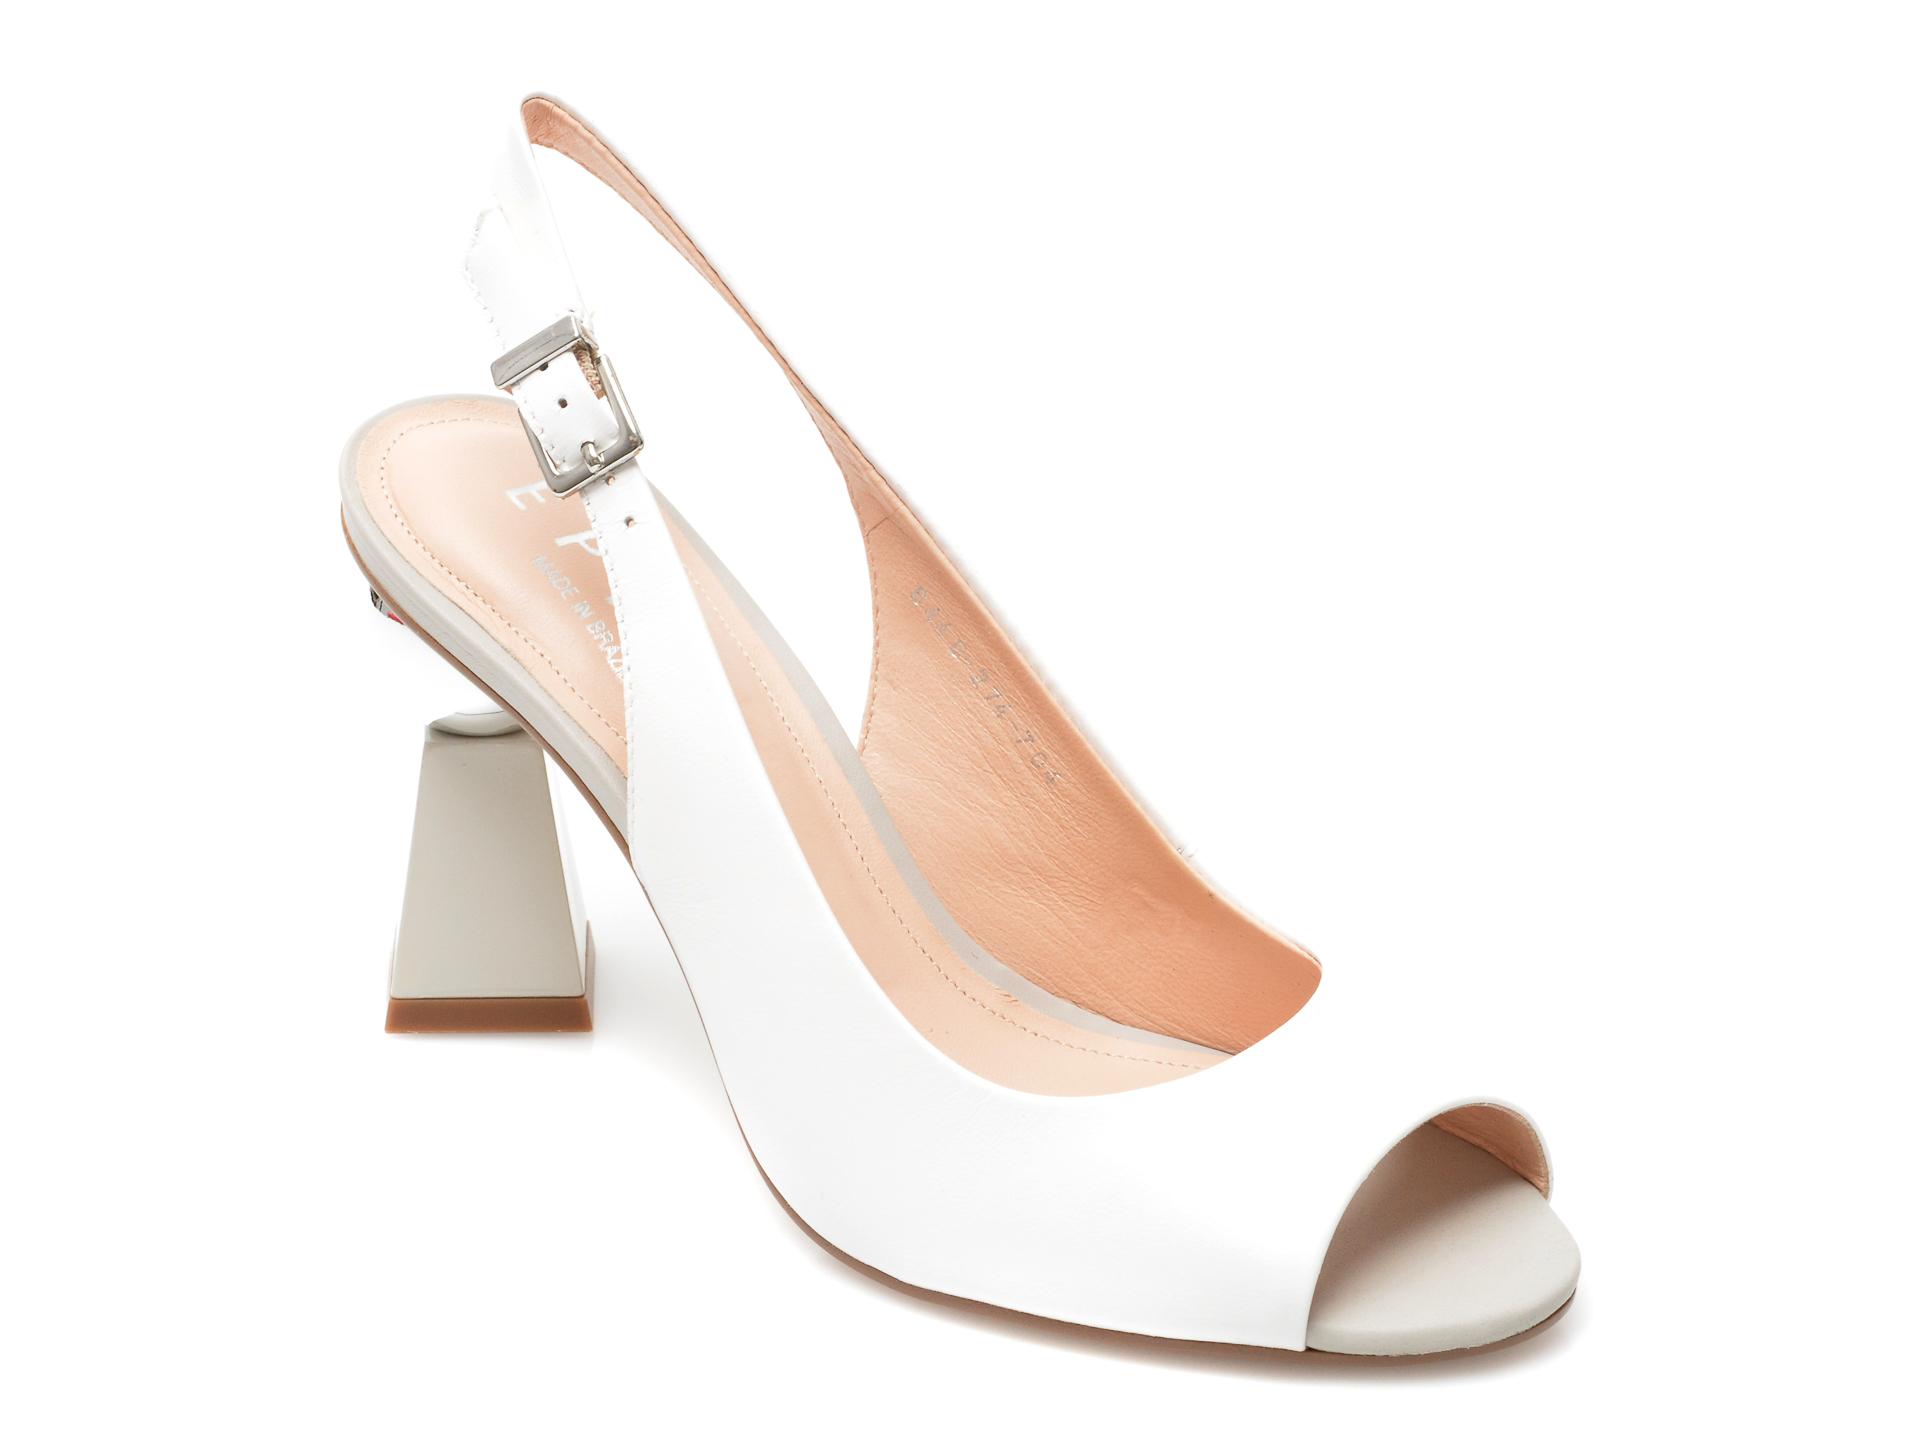 Sandale EPICA albe, 6446704, din piele naturala imagine otter.ro 2021